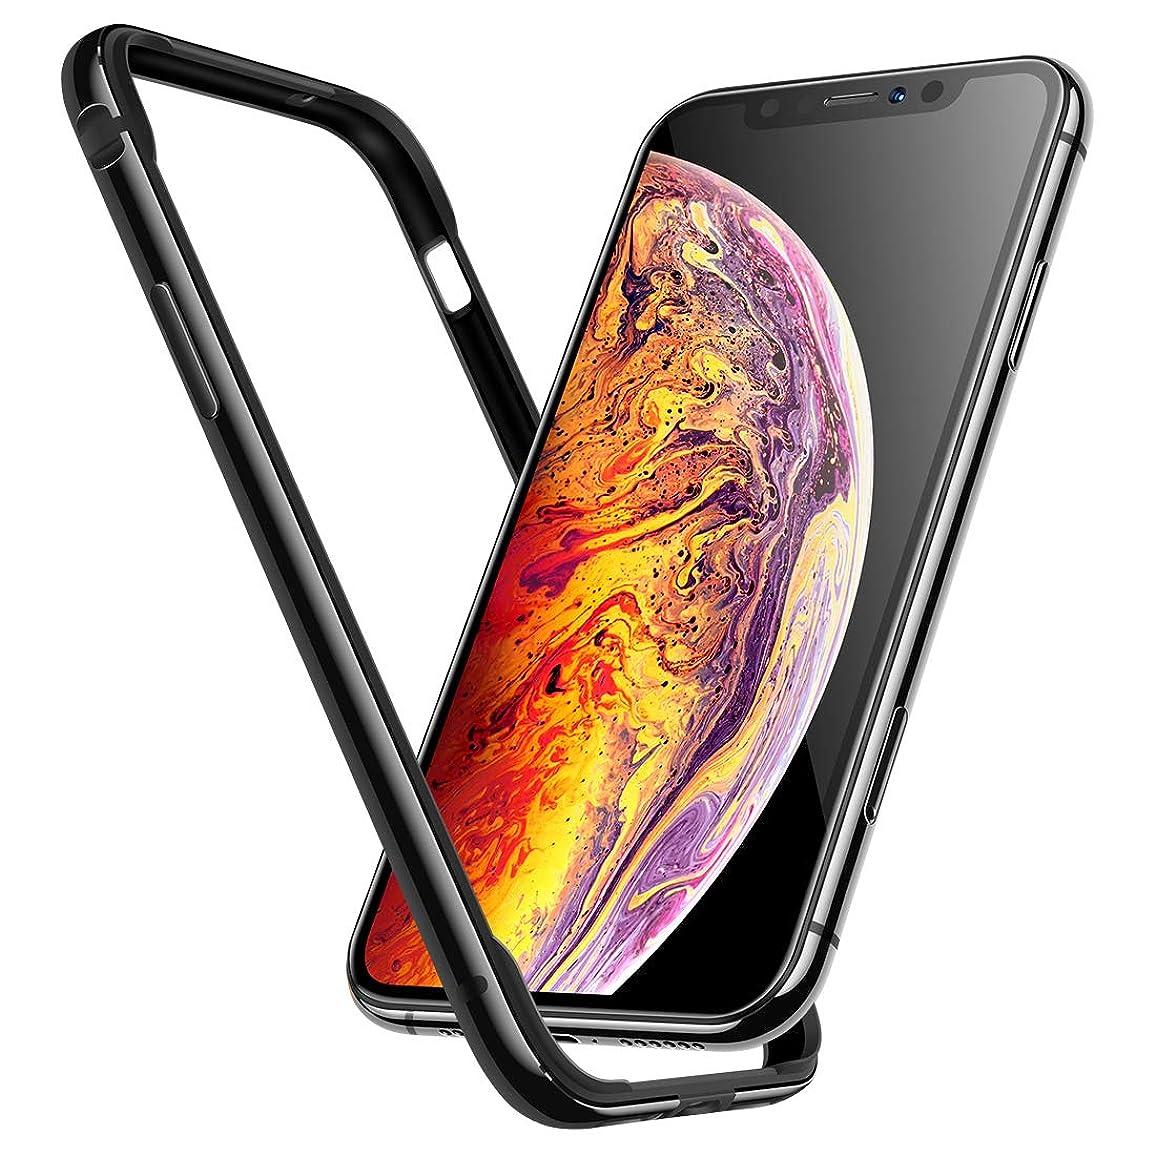 災難思われる寄稿者【Humixx】 iPhone Xs Max ケース iPhone Xs Max バンパー [ アルミ シリコン ] [ レンズ保護 衝撃 吸収 ] アイフォン Xs Max 用 耐衝撃 カバー ( iPhone Xs Max , iPhone Xs Plus , スペースブラック )